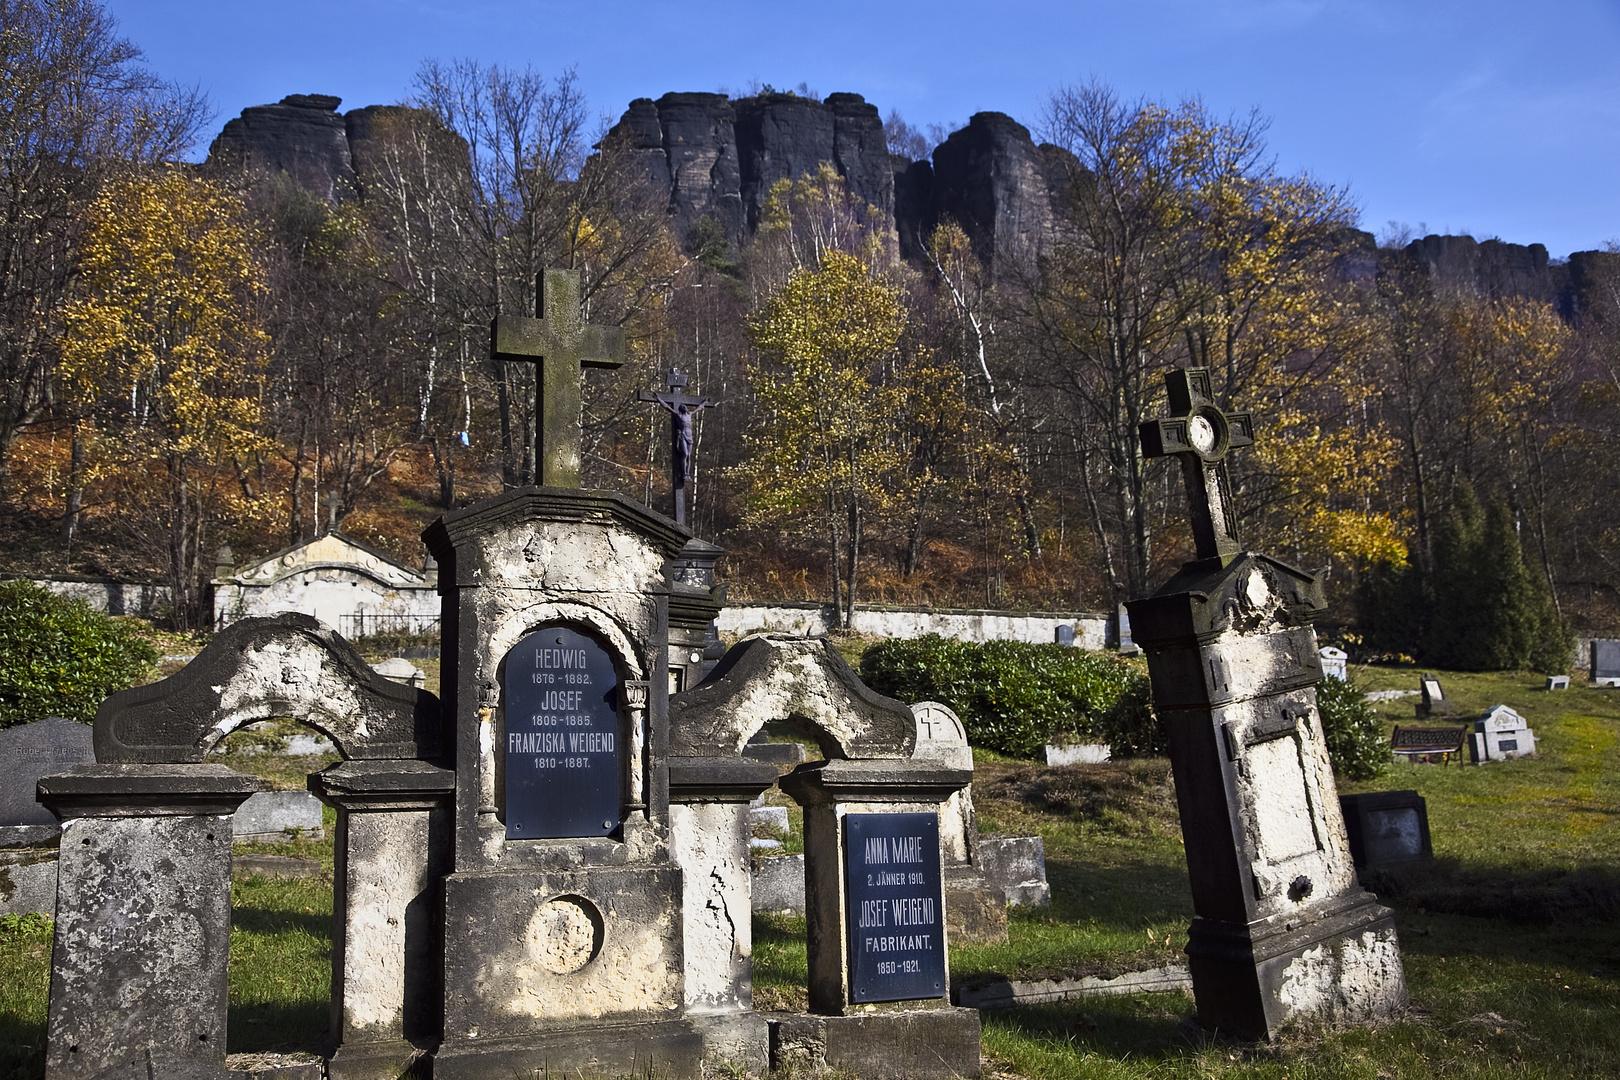 Tisá -eine Gemeinde in Tschechien. Sie liegt am westlichen Rand der Böhmischen Schweiz in 548 m Höhe